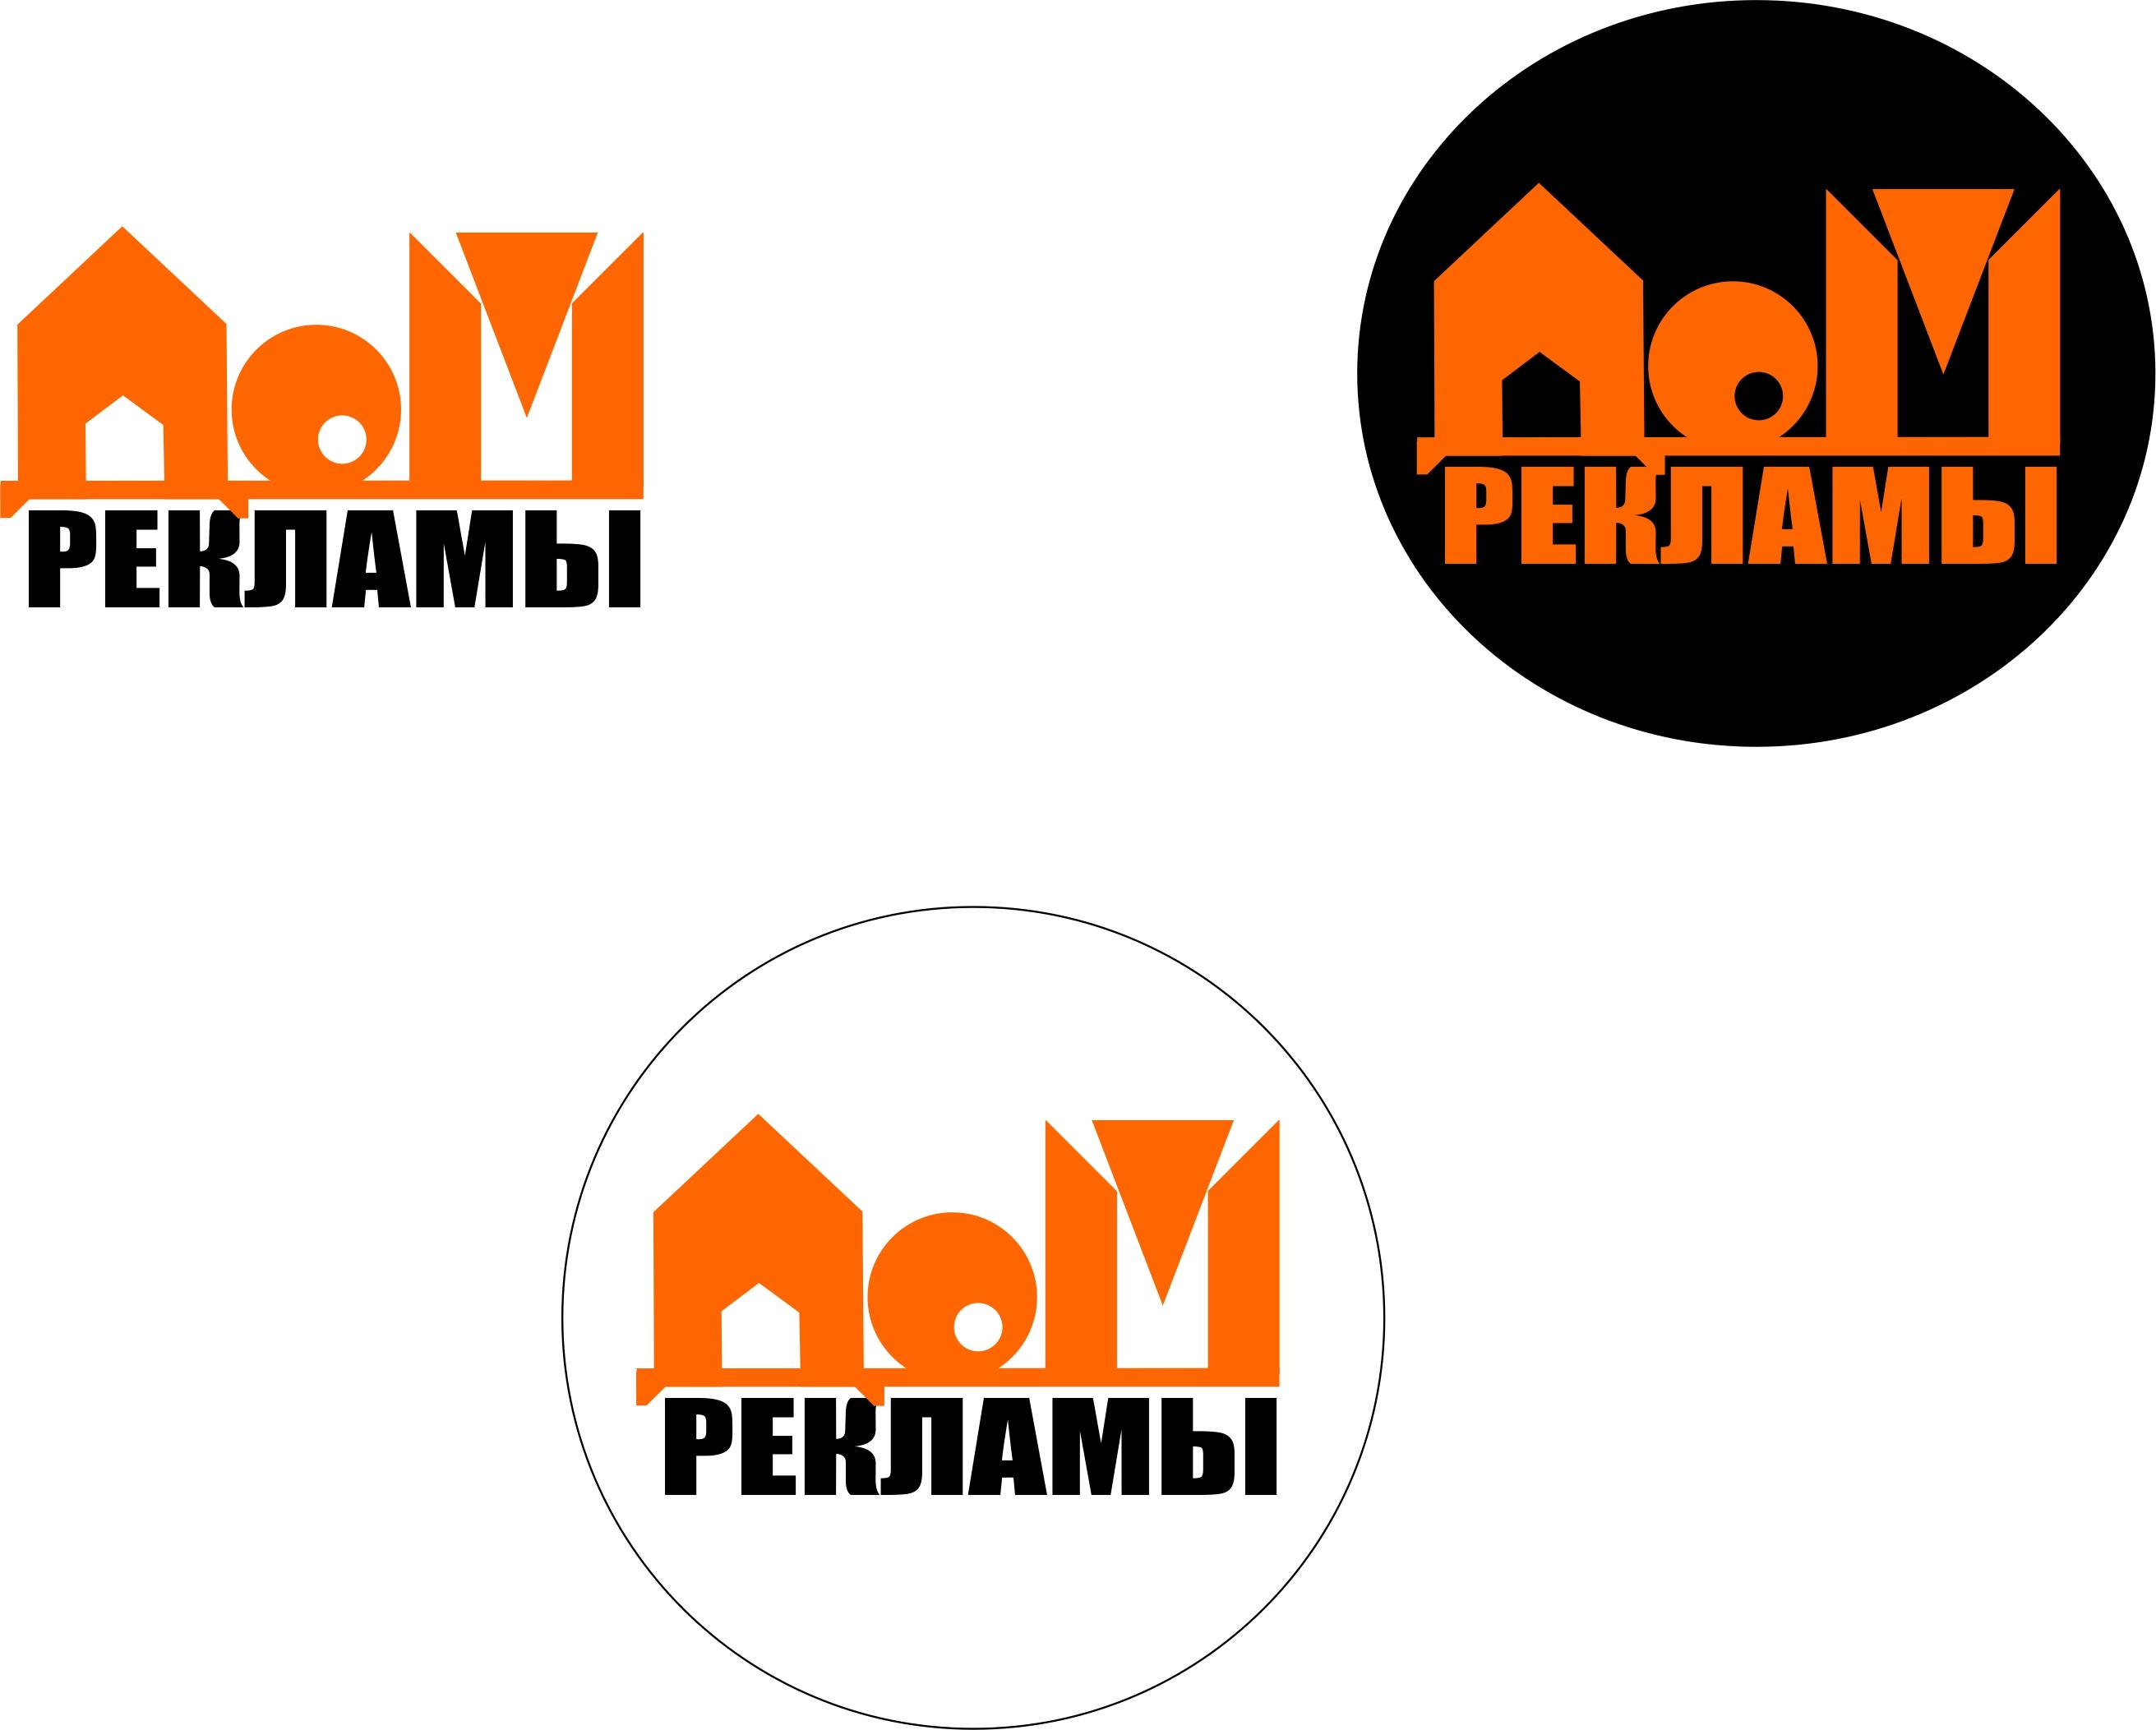 Дизайн логотипа рекламно-производственной компании фото f_9255edceaa9ef2a9.jpg